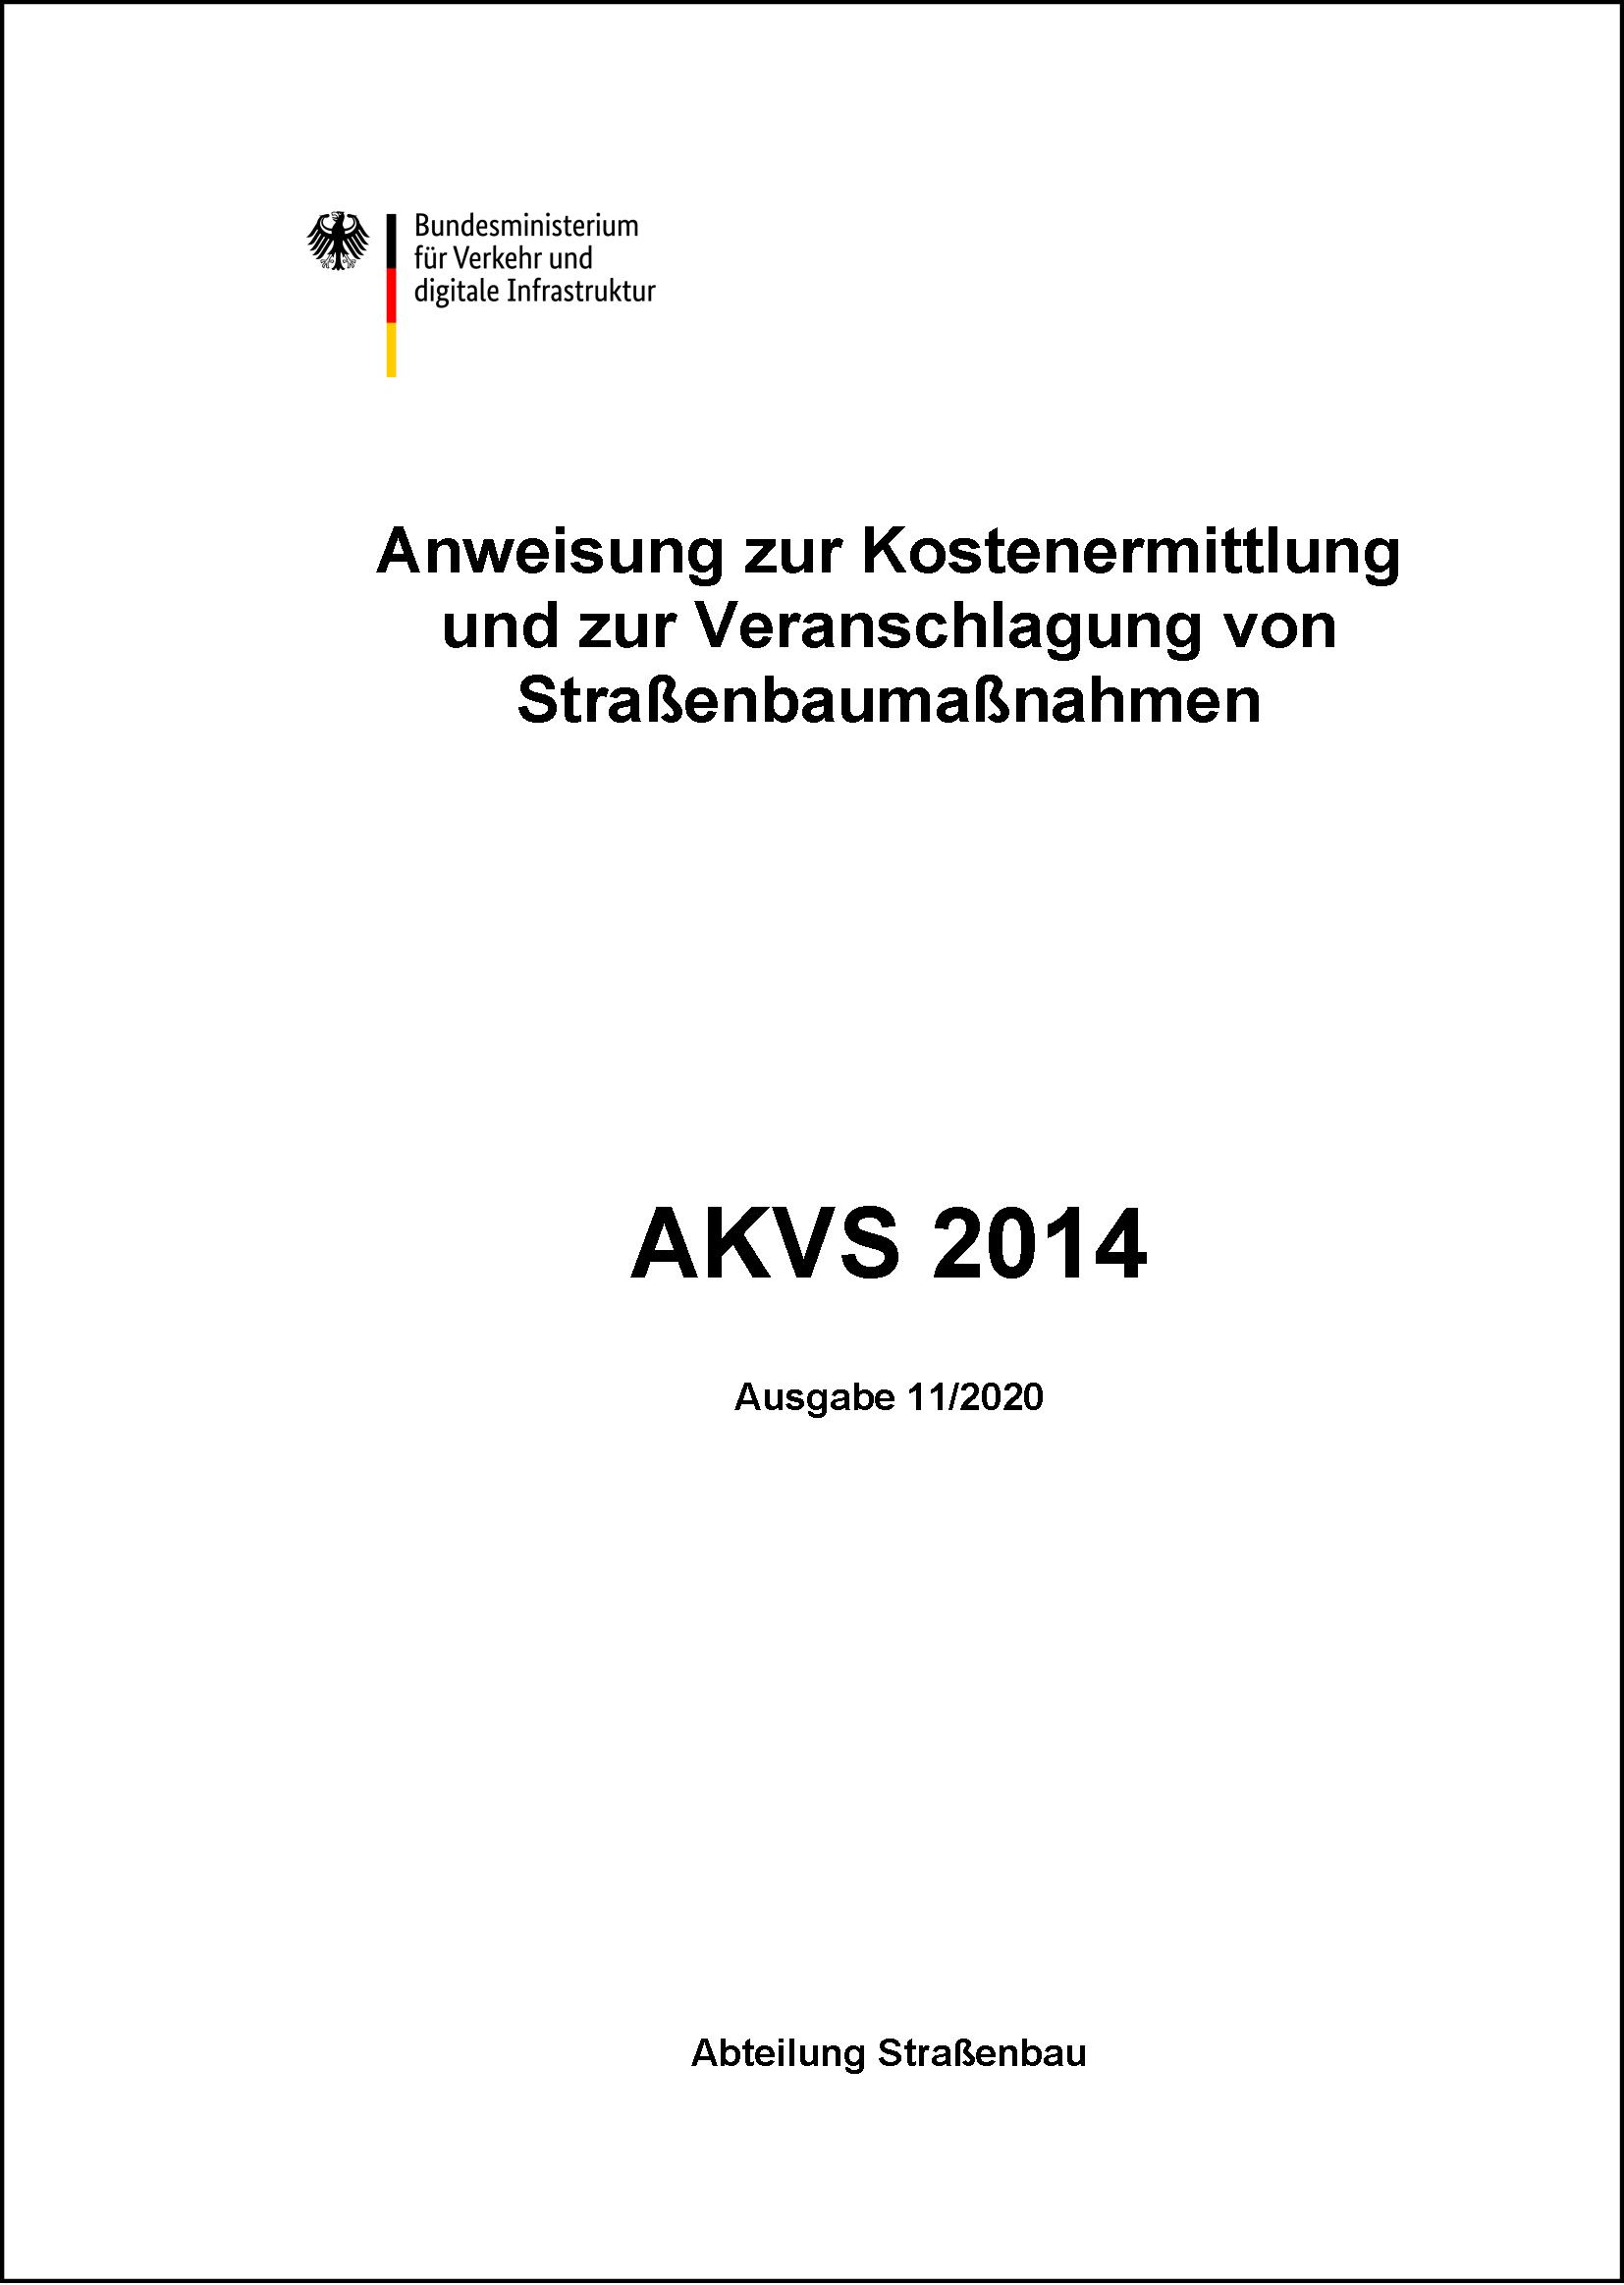 AKVS - November 2020